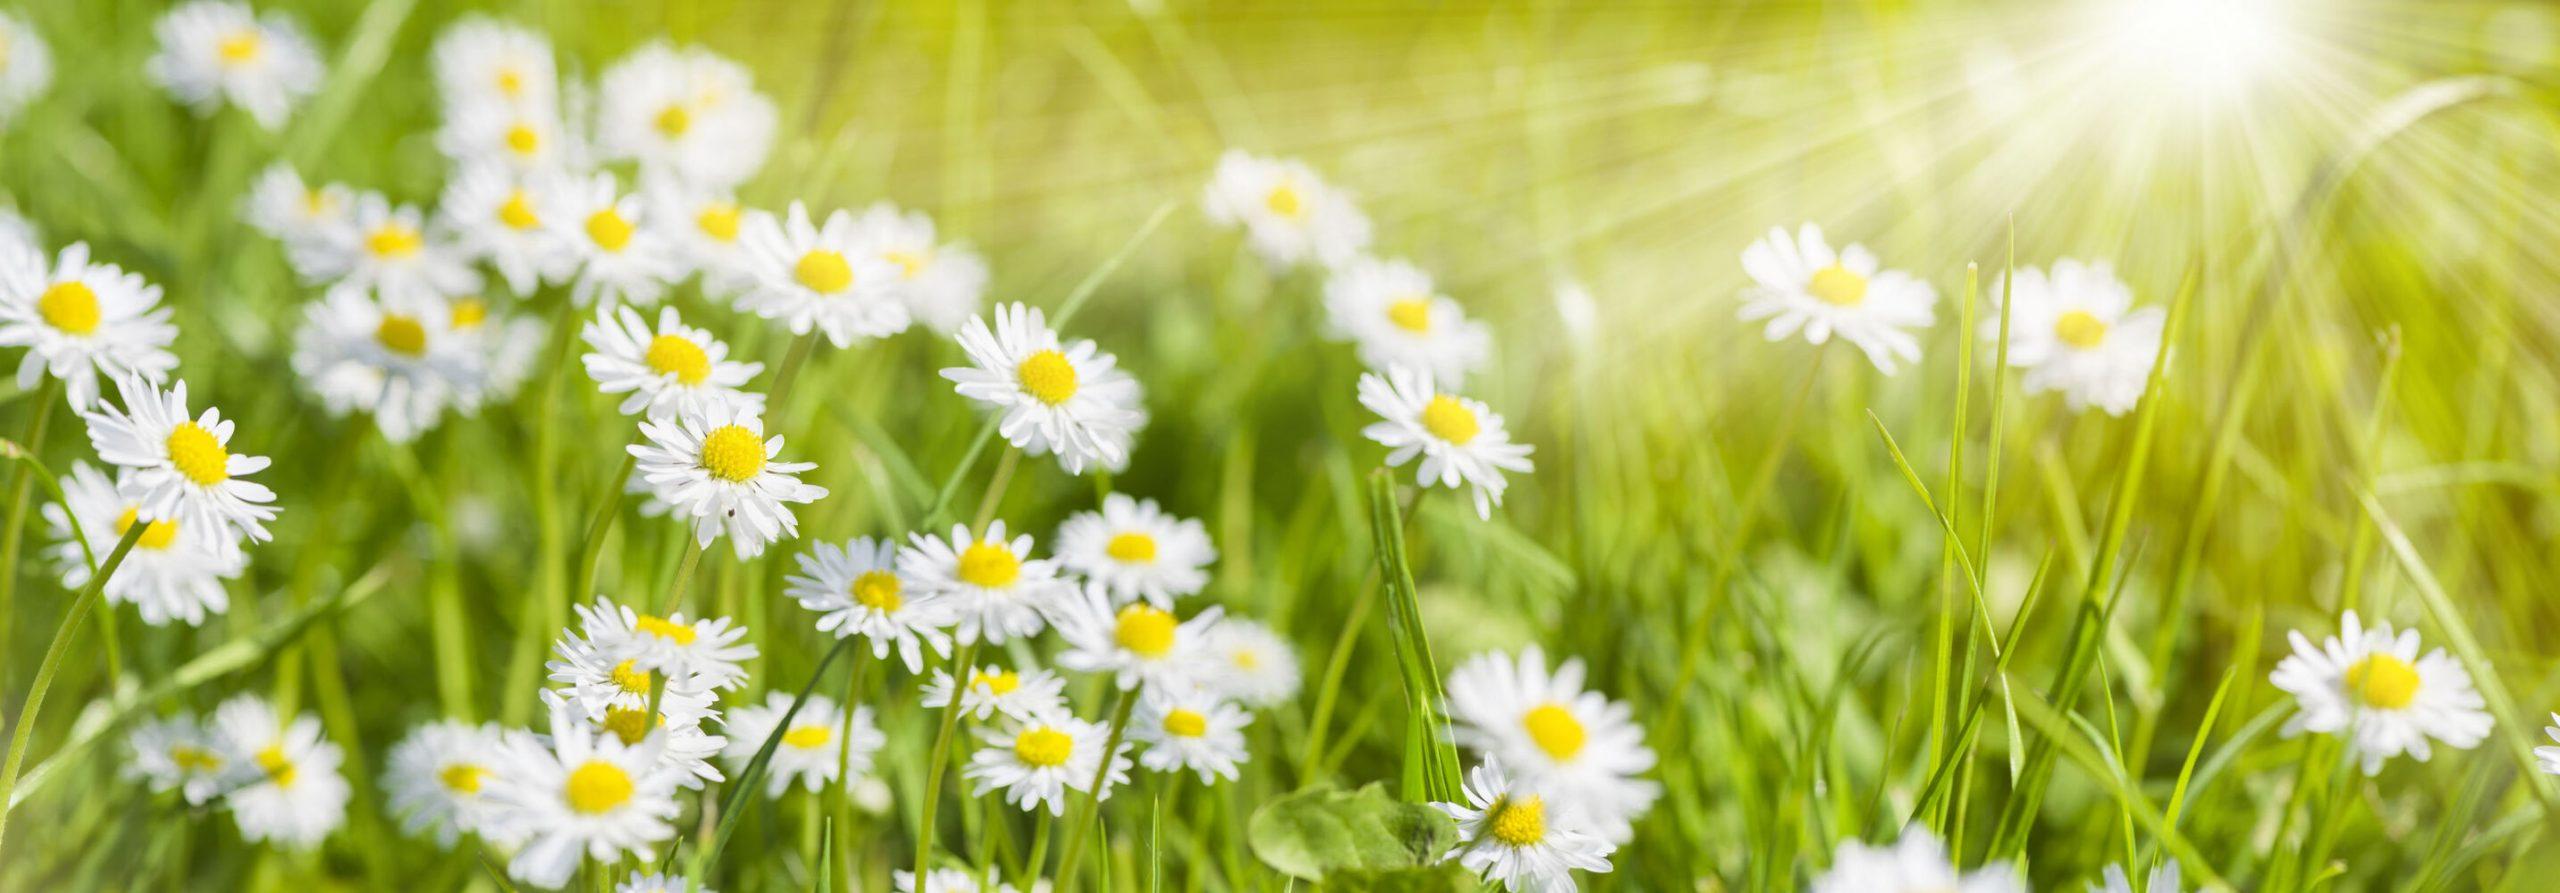 Curiosidades sobre a flor margarida